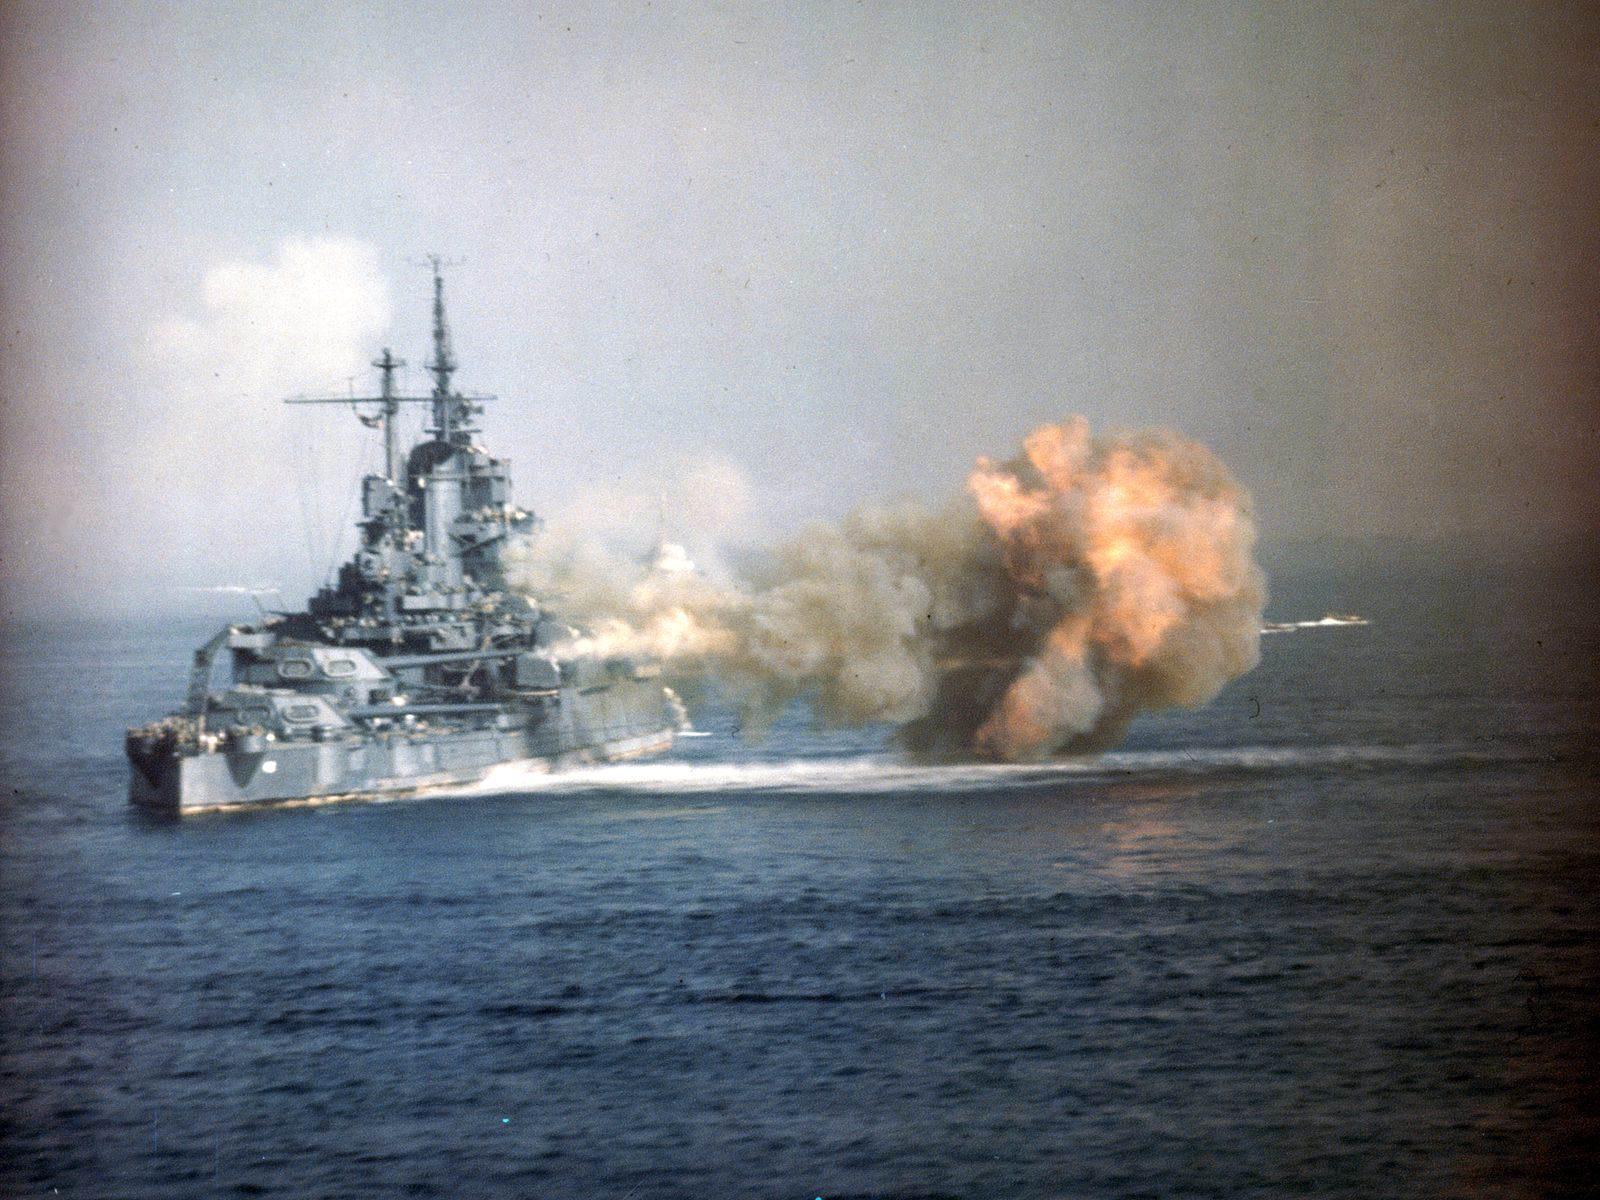 Uss idaho bb 42 - Le USS Idaho bombarde Okinawa, le 1er avril 1945